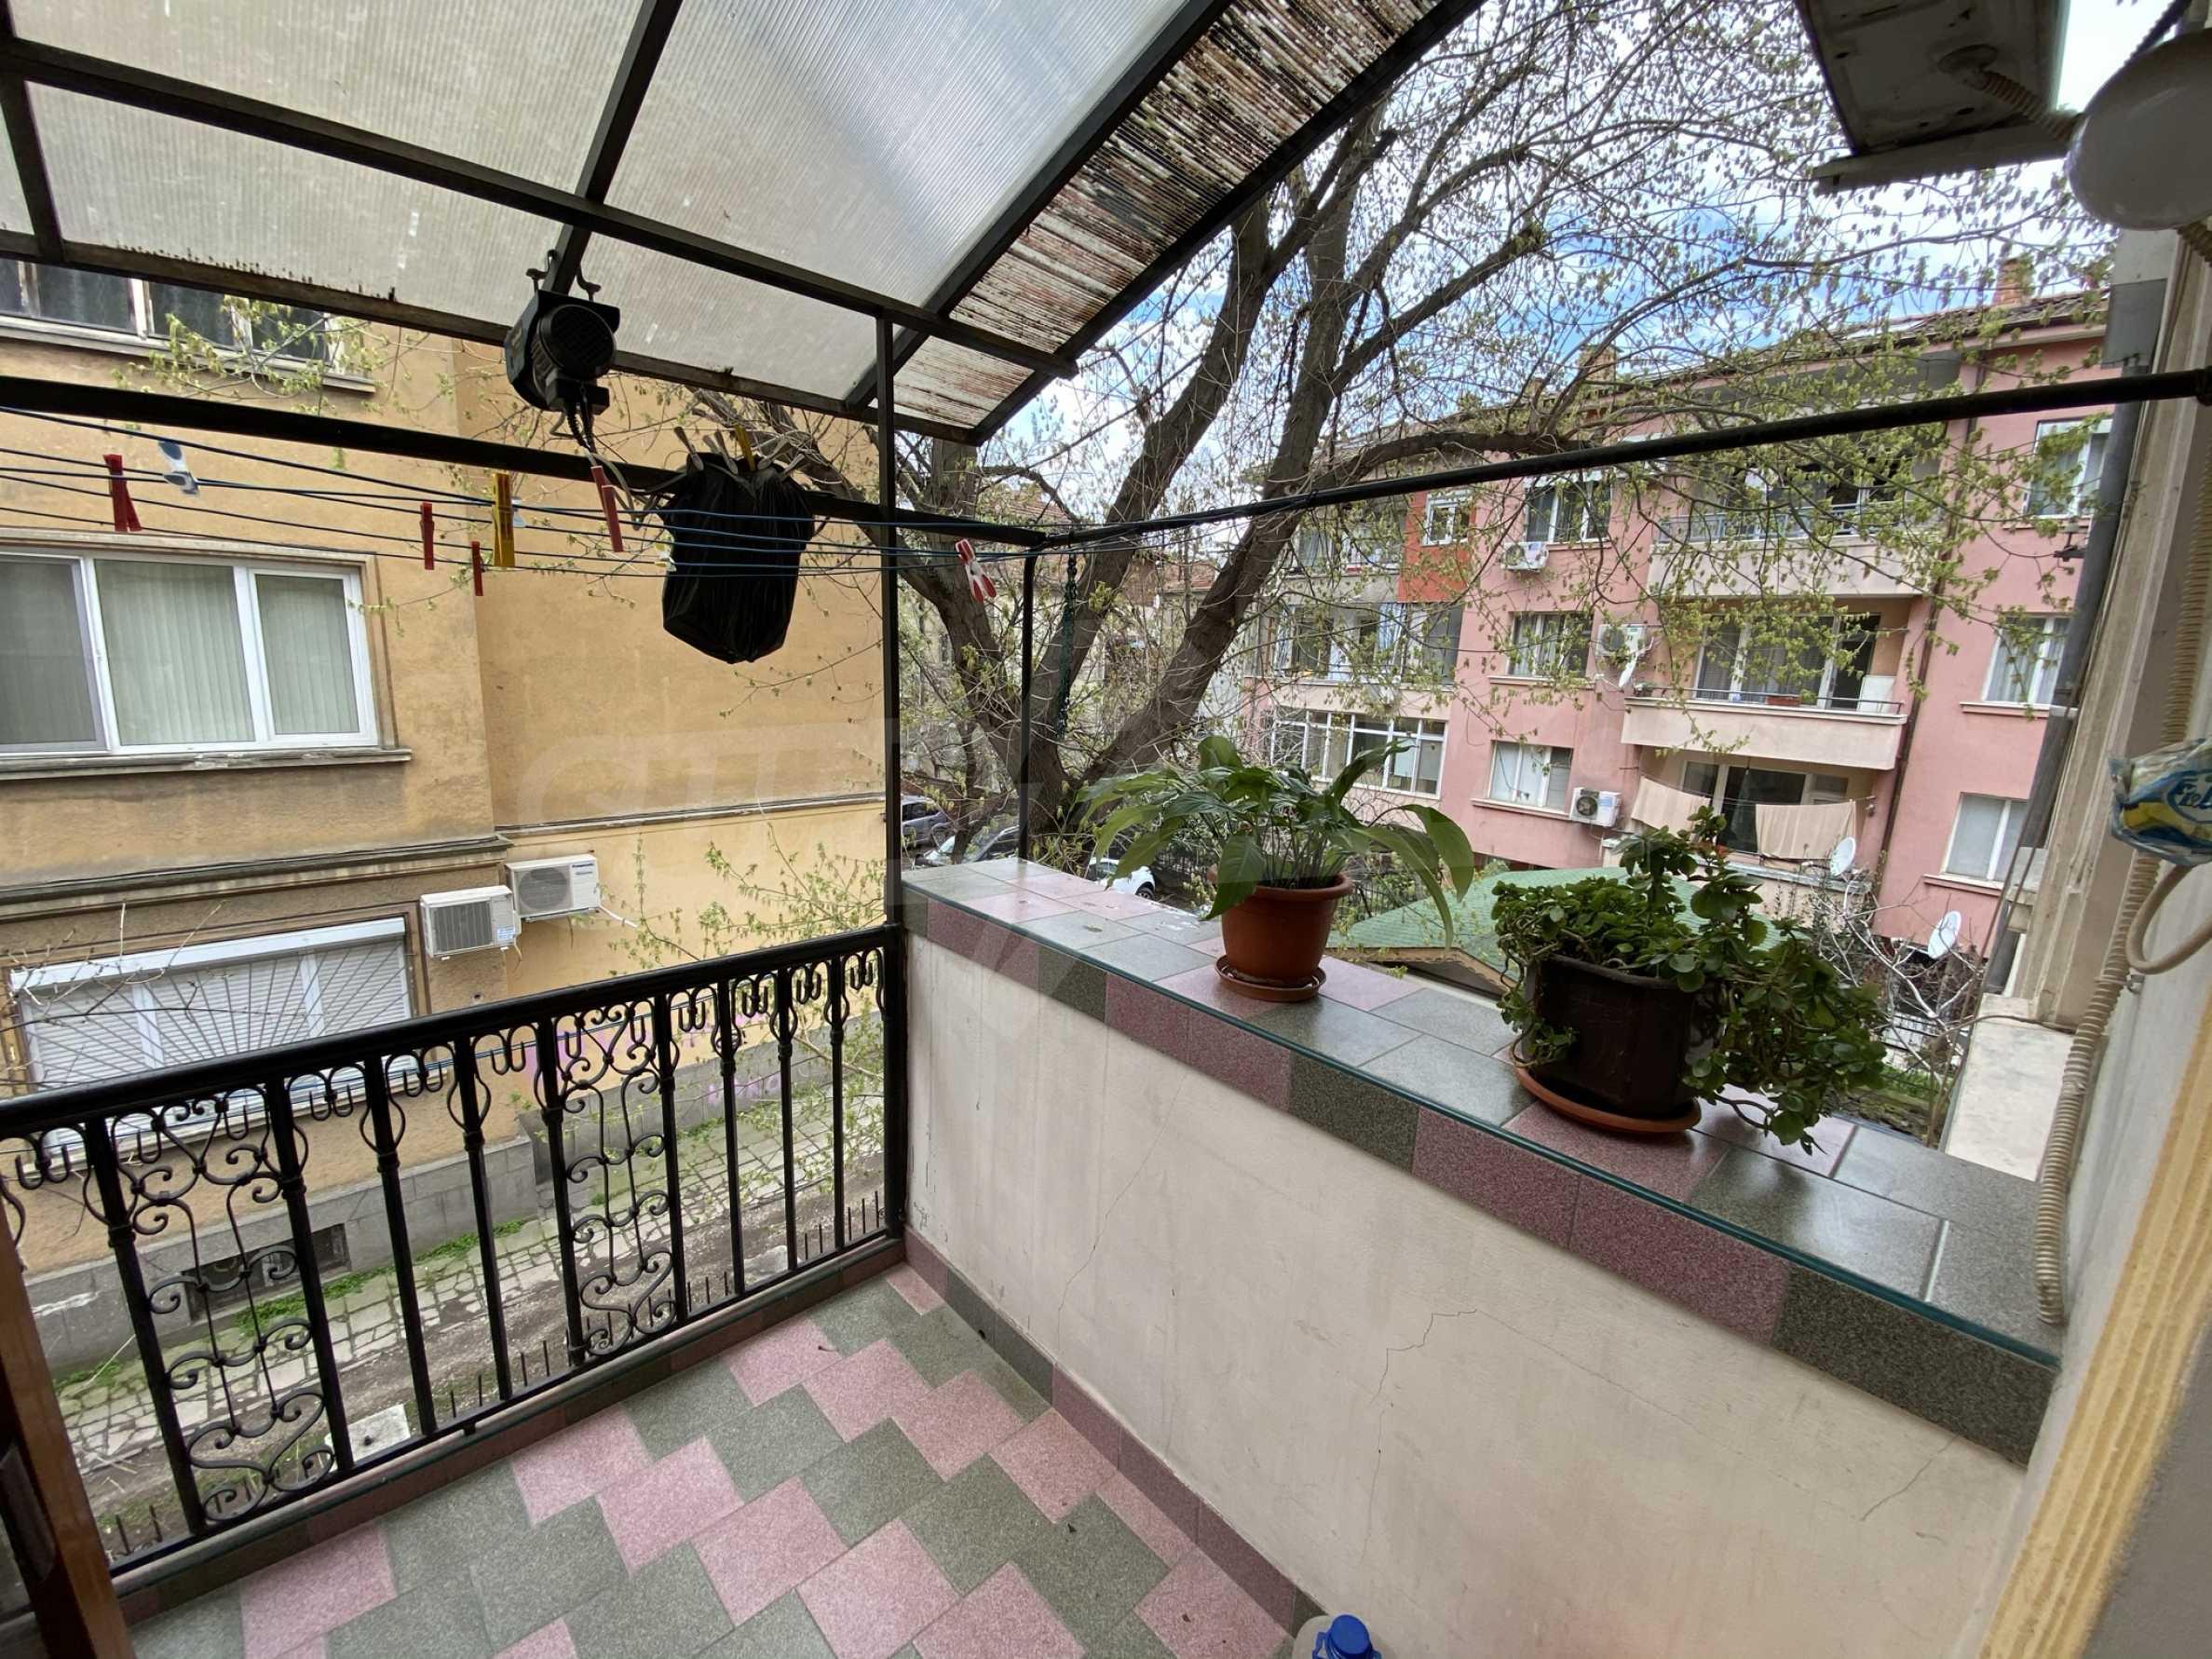 Етаж от жилищна сграда с аристократична визия в близост до главна улица 3